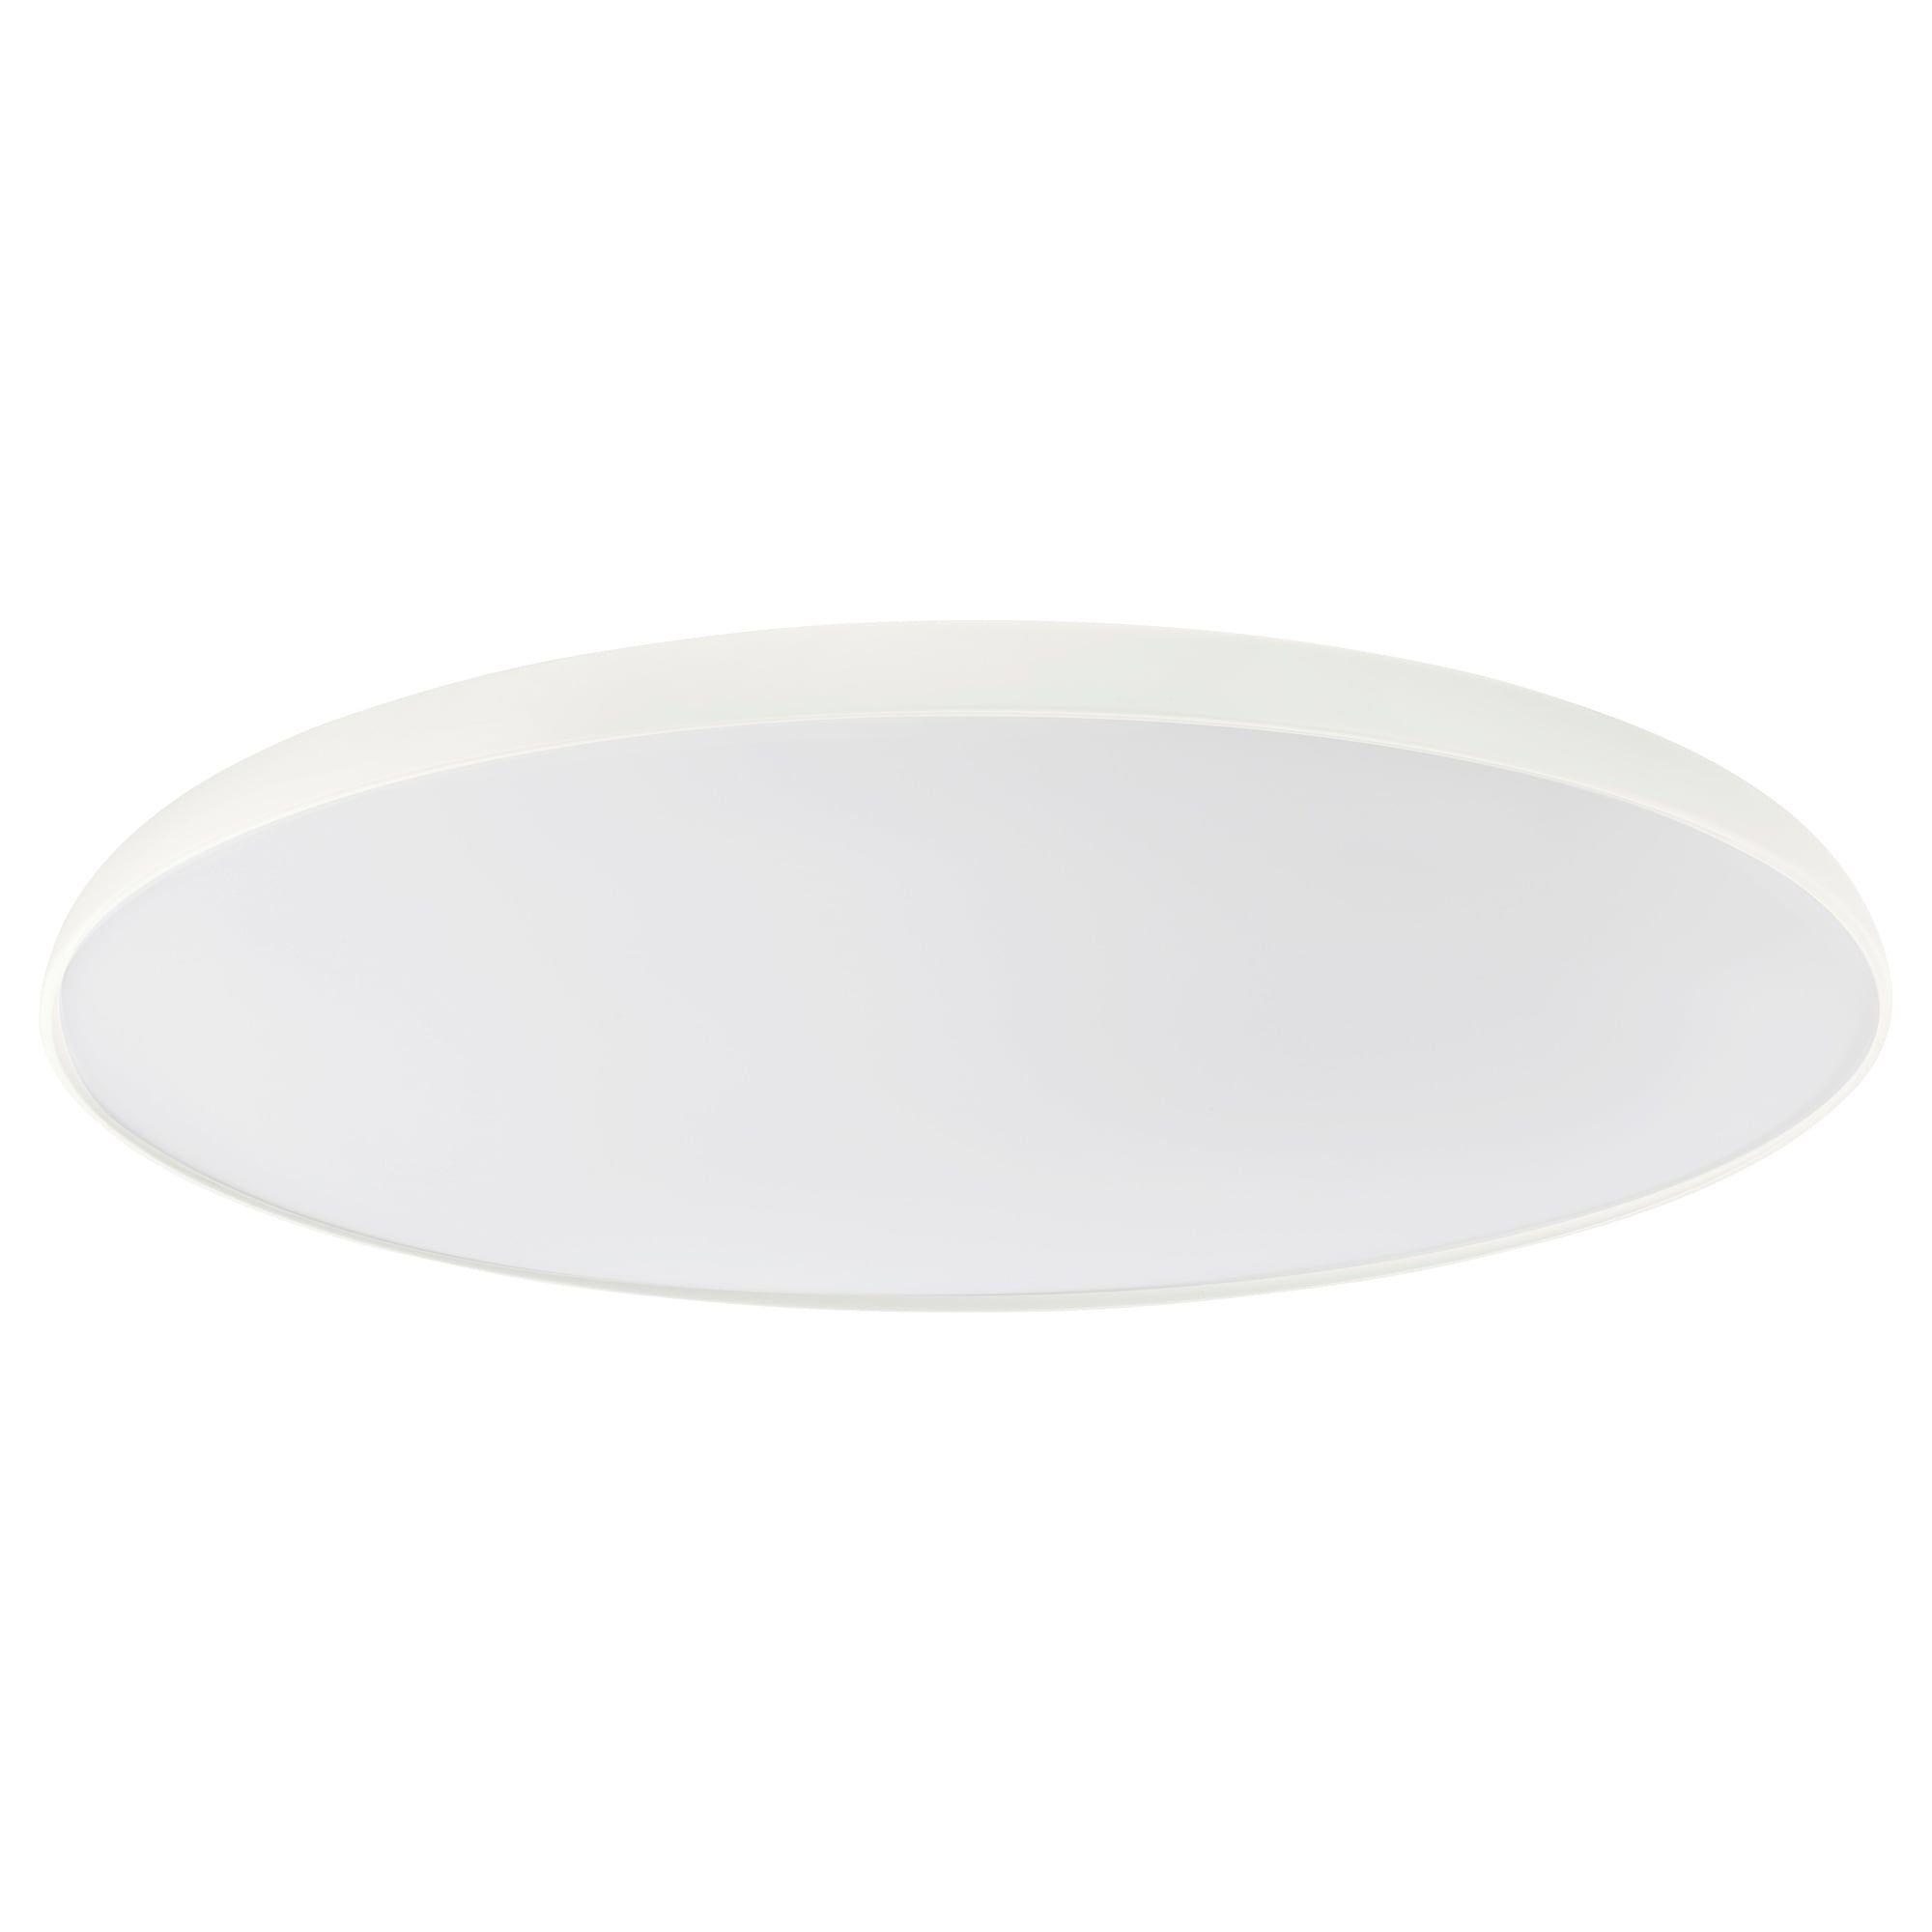 Nym 197 Ne Led Ceiling Lamp White In 2019 Led Ceiling